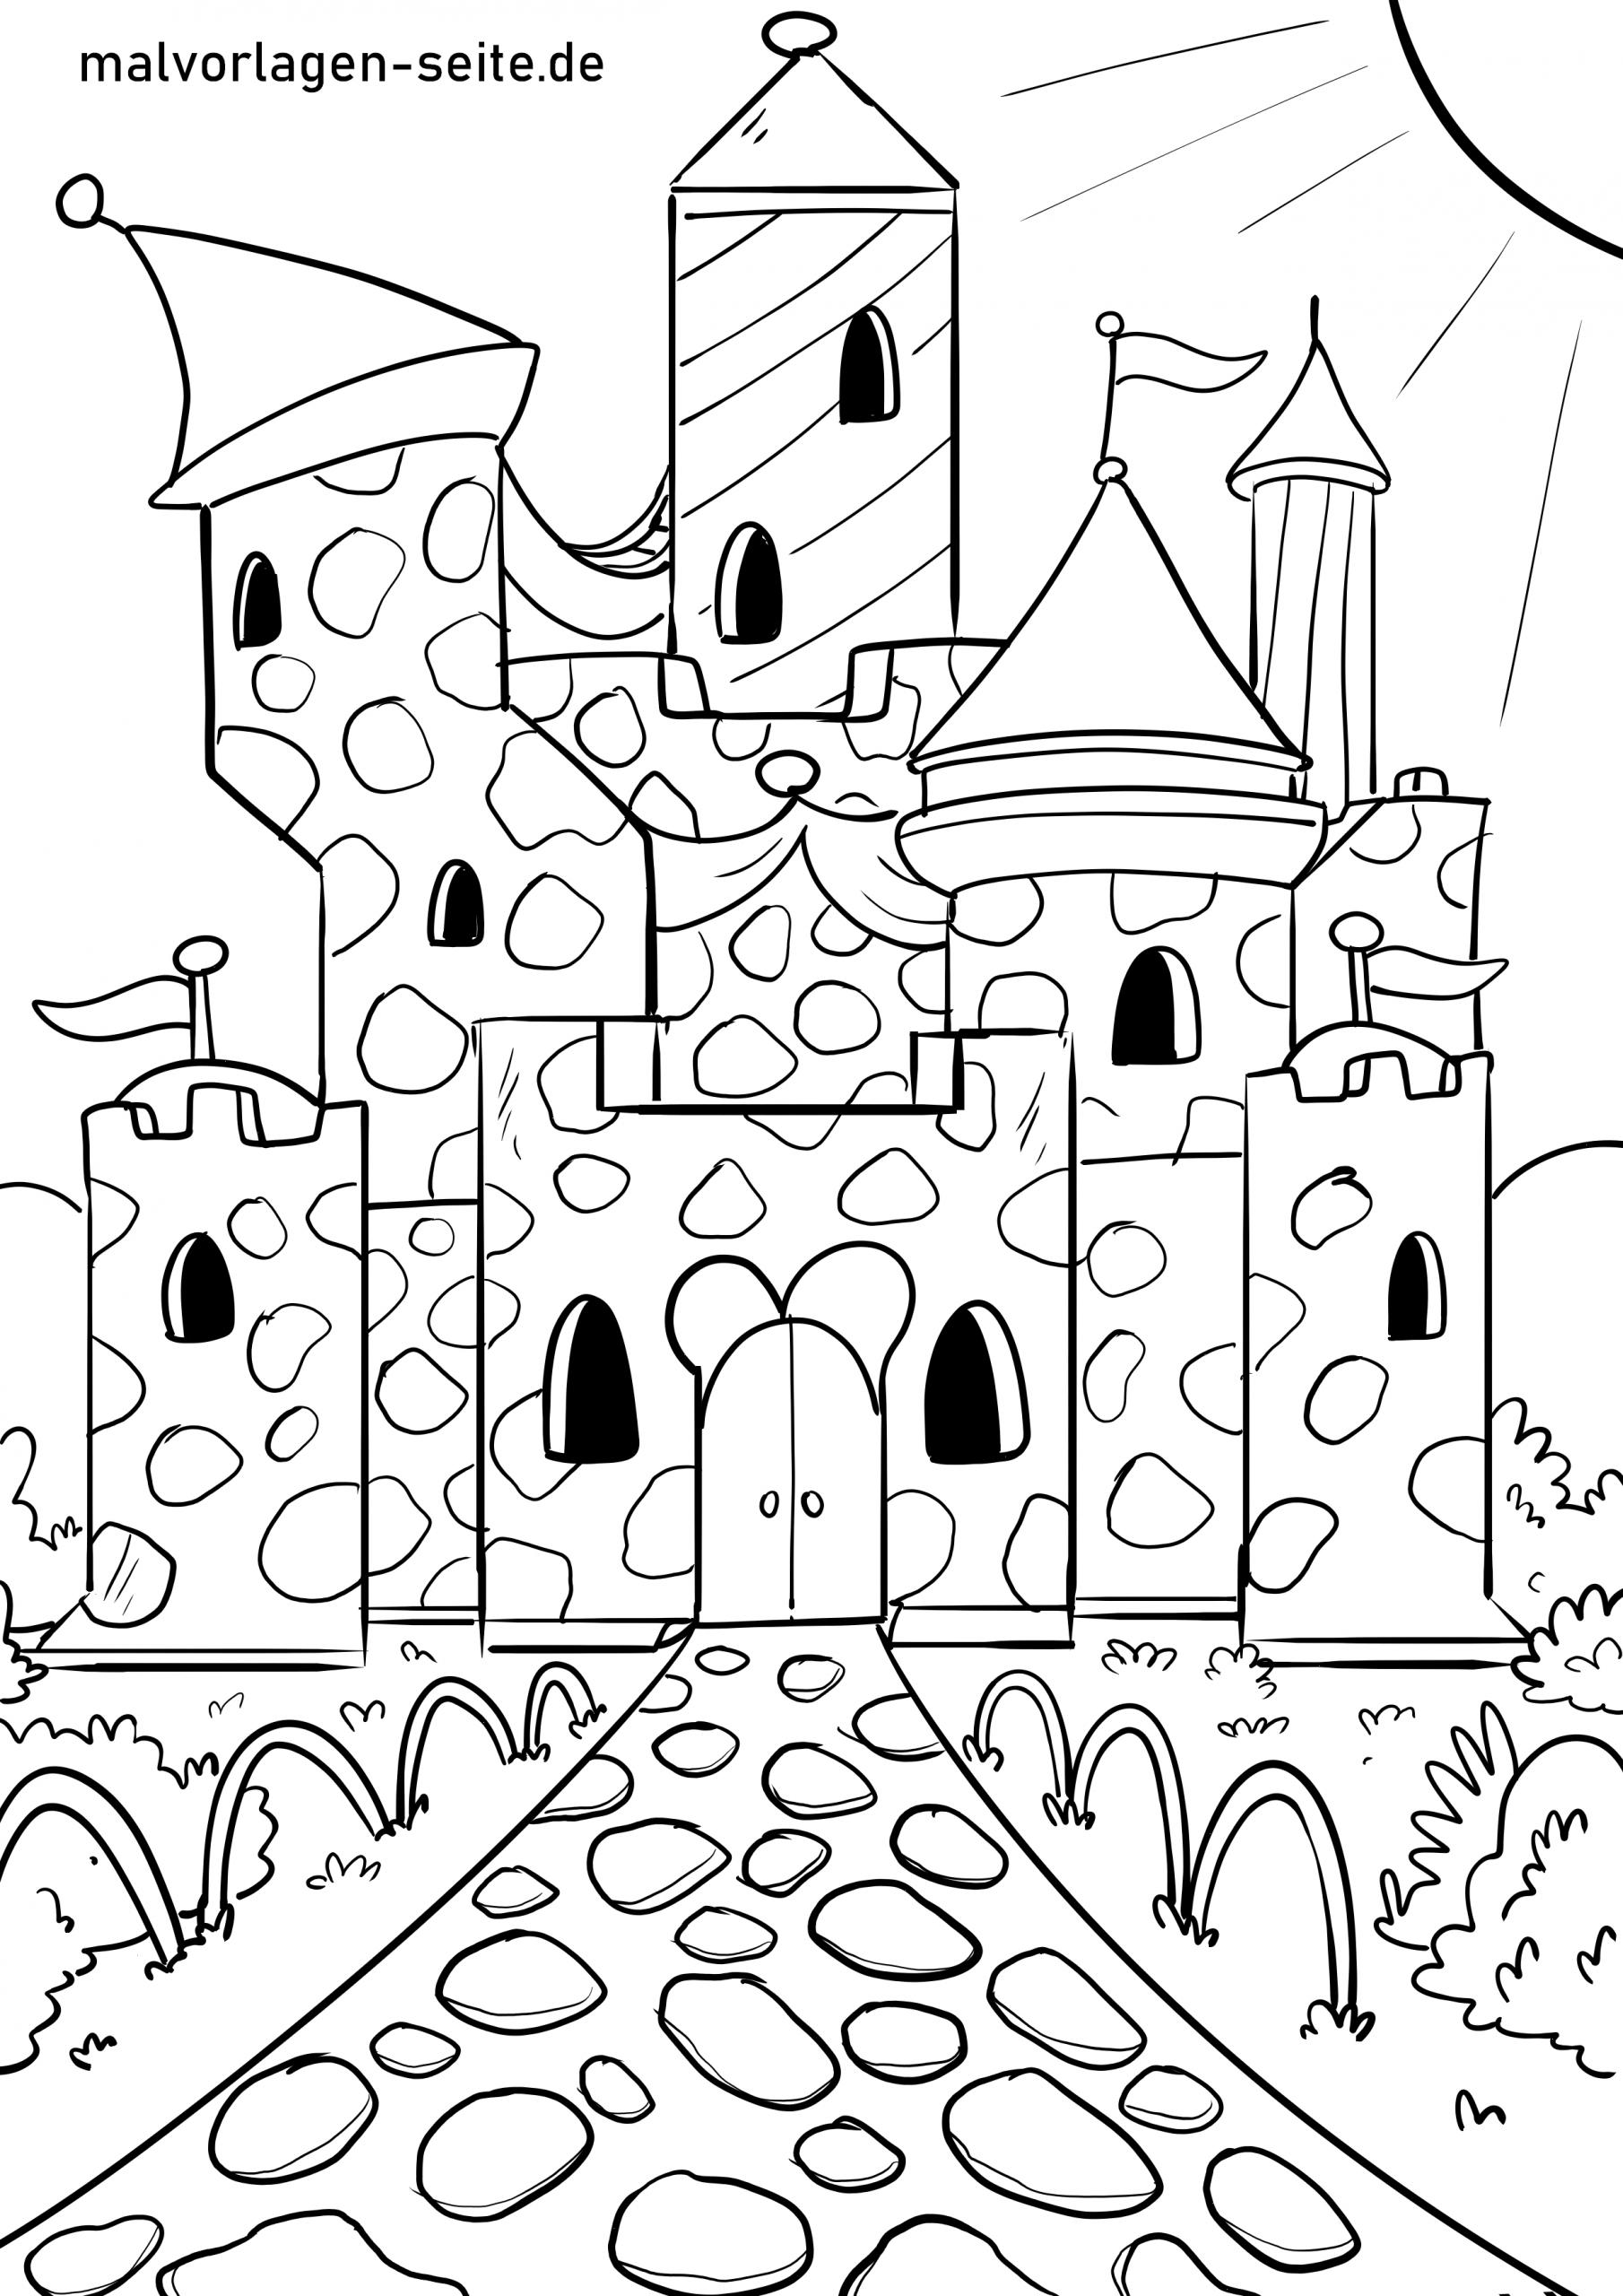 Malvorlage Burg - Ausmalbilder Kostenlos Herunterladen bei Ausmalbild Burg